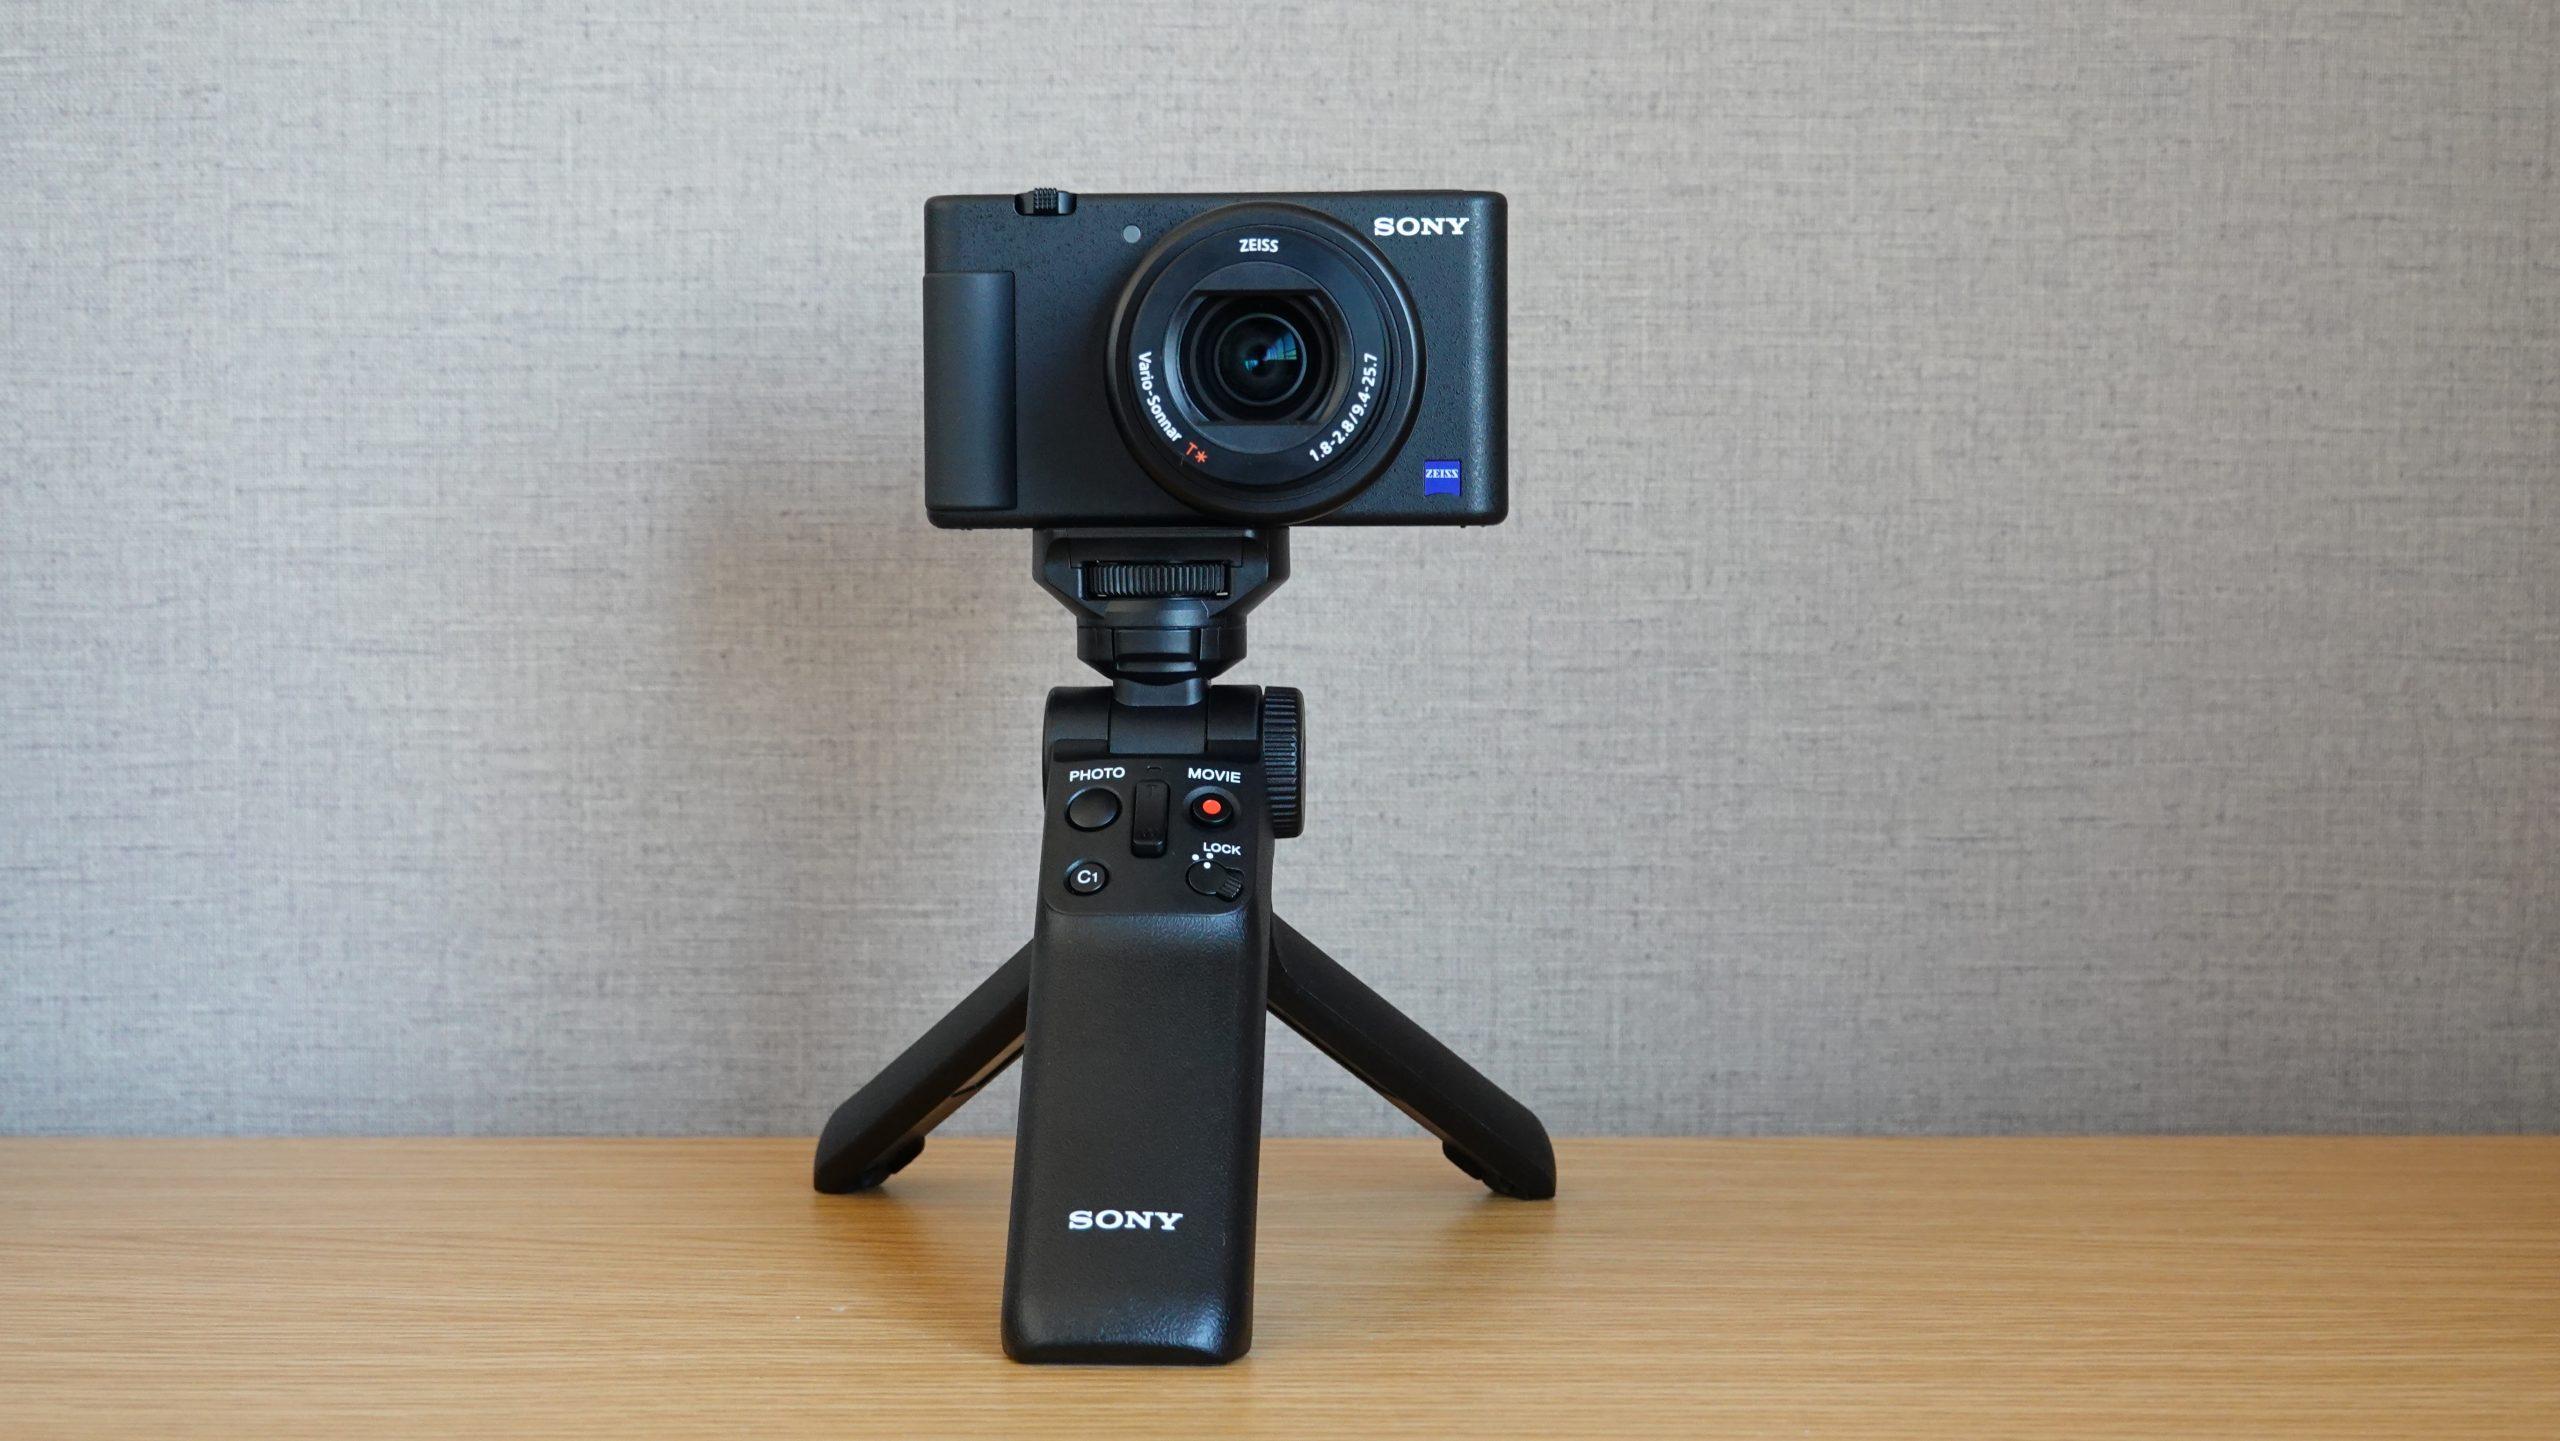 【SONY】Imaging Edge WebcamでZV-1をウェブカメラ化